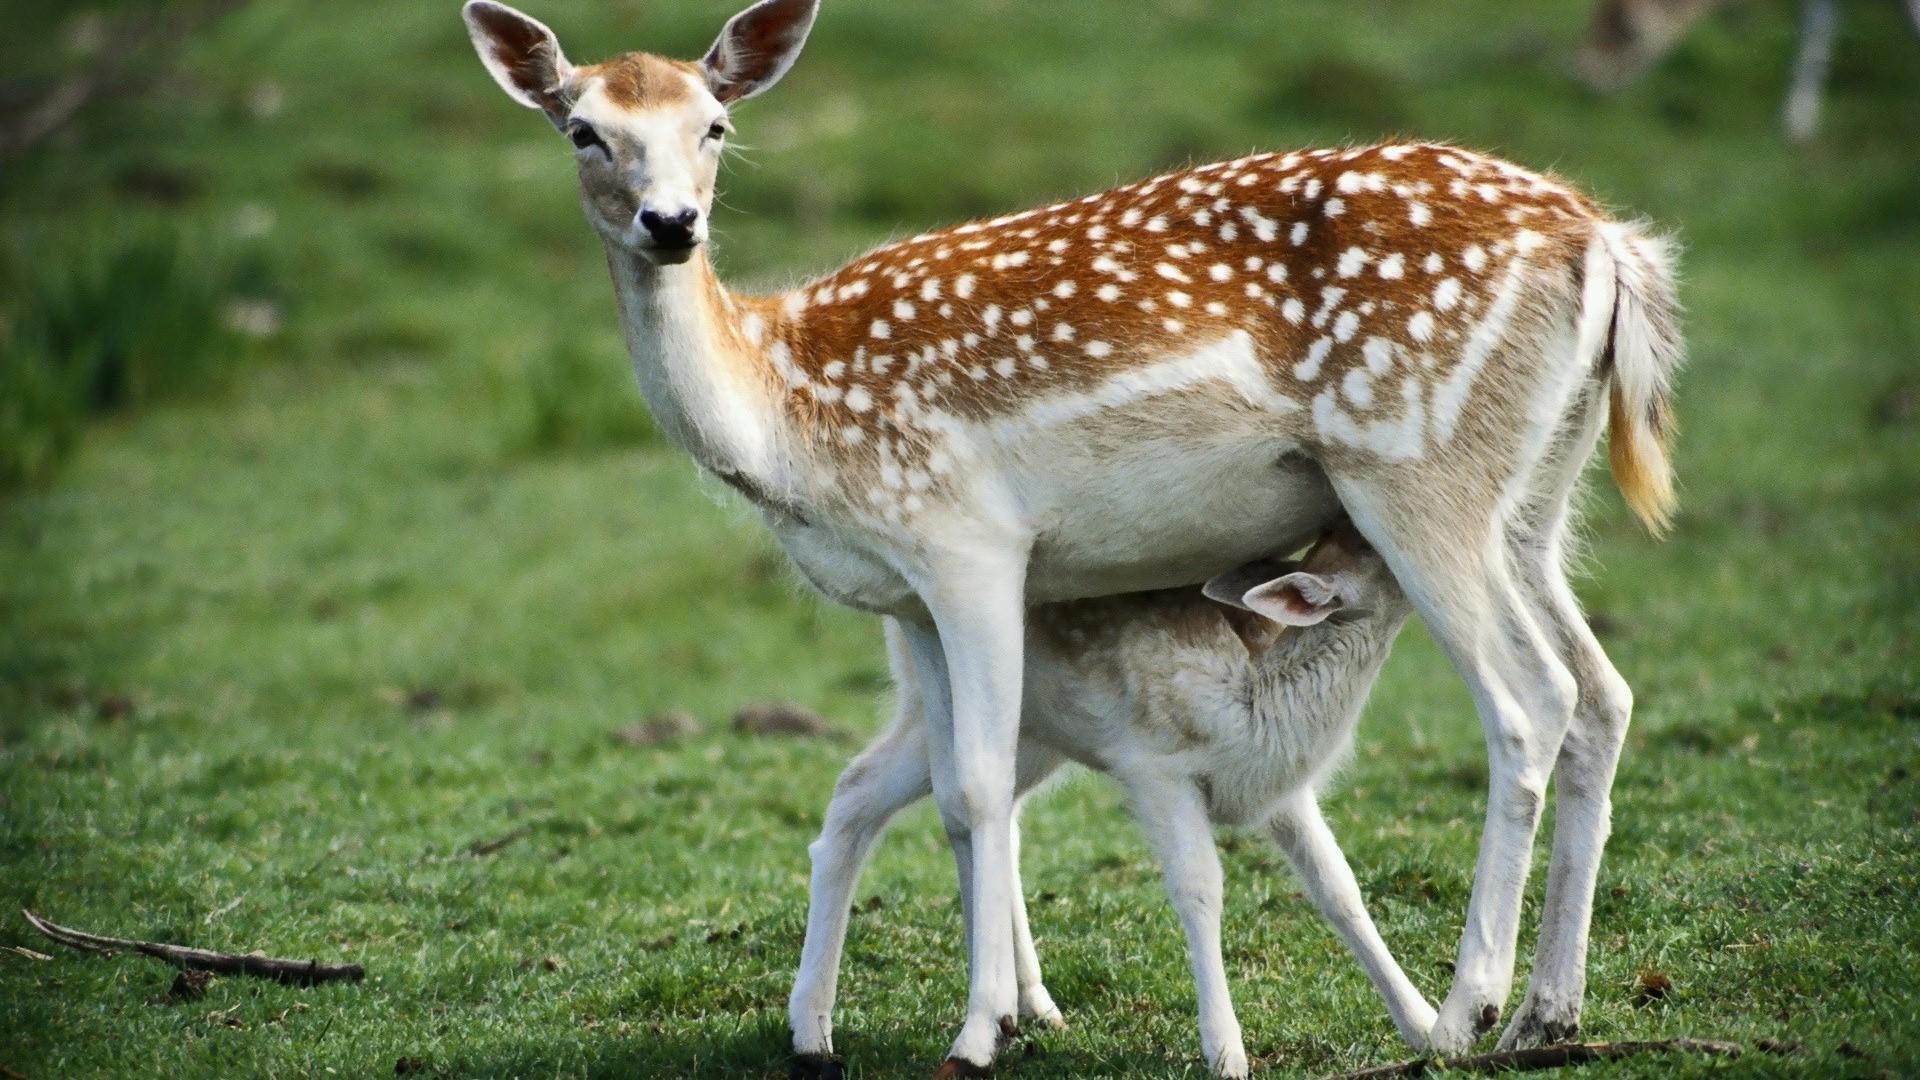 اجمل صور الحيوانات 2021 14